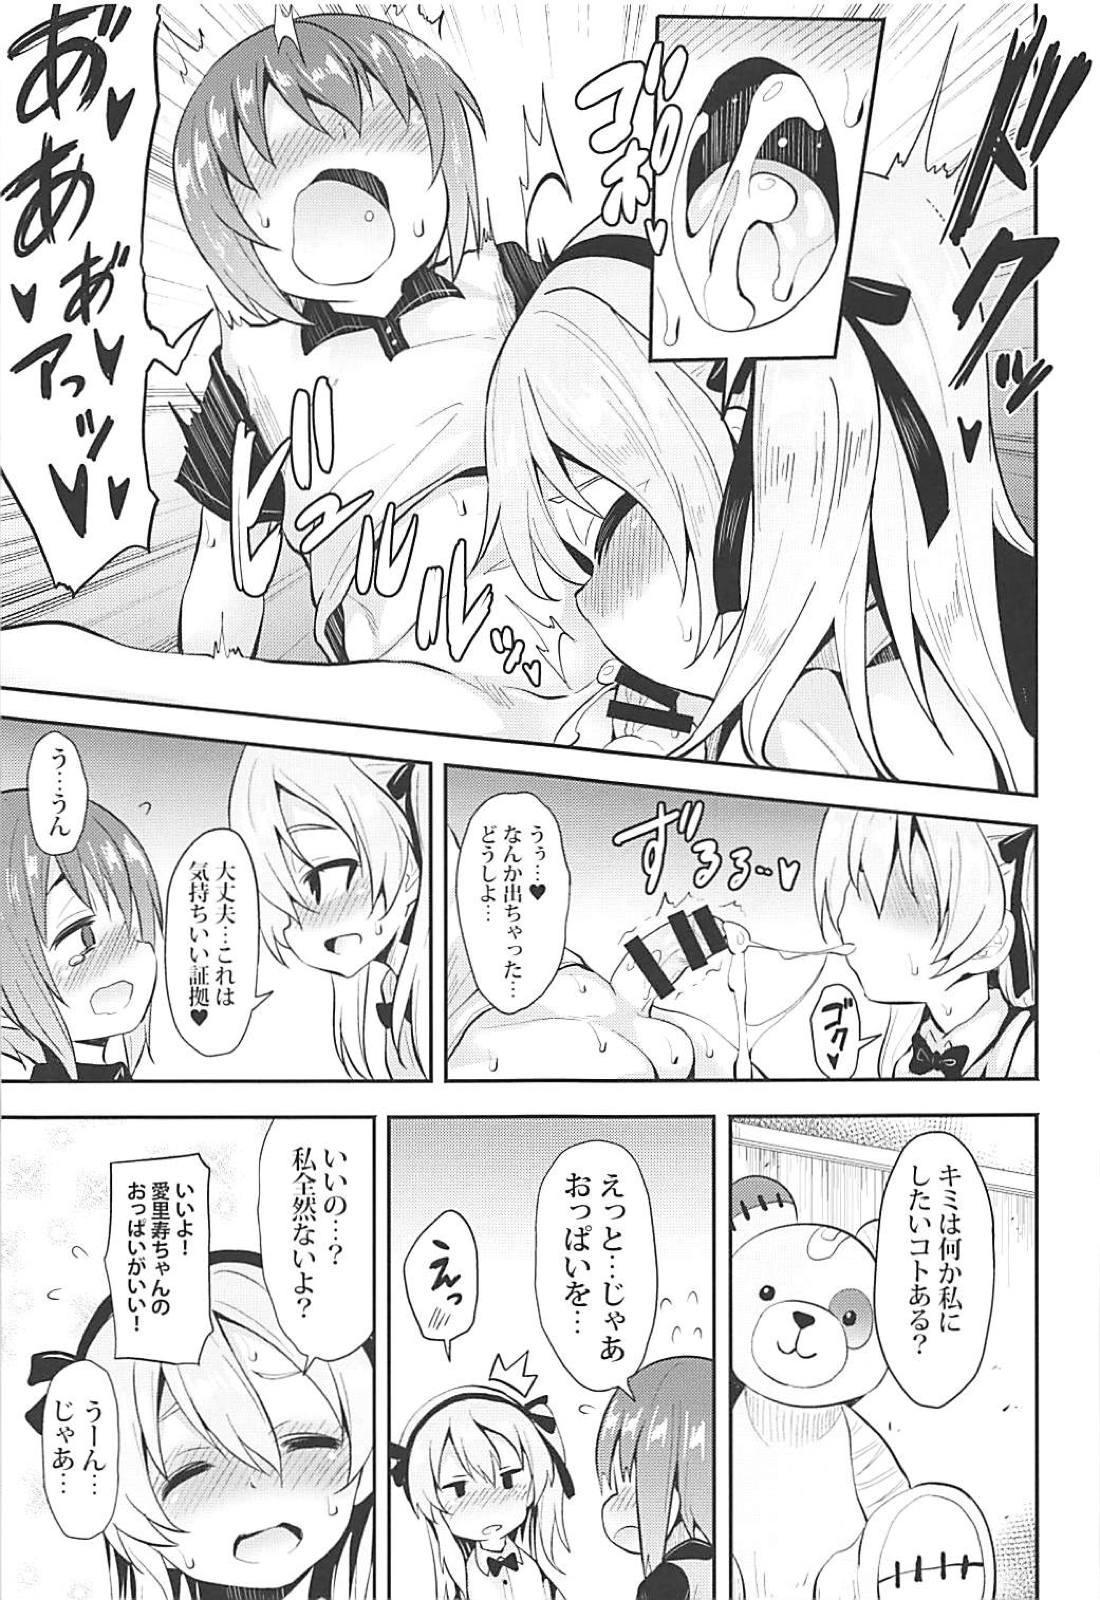 Arisu-chan ni Kokuhaku Shite Mita After 9